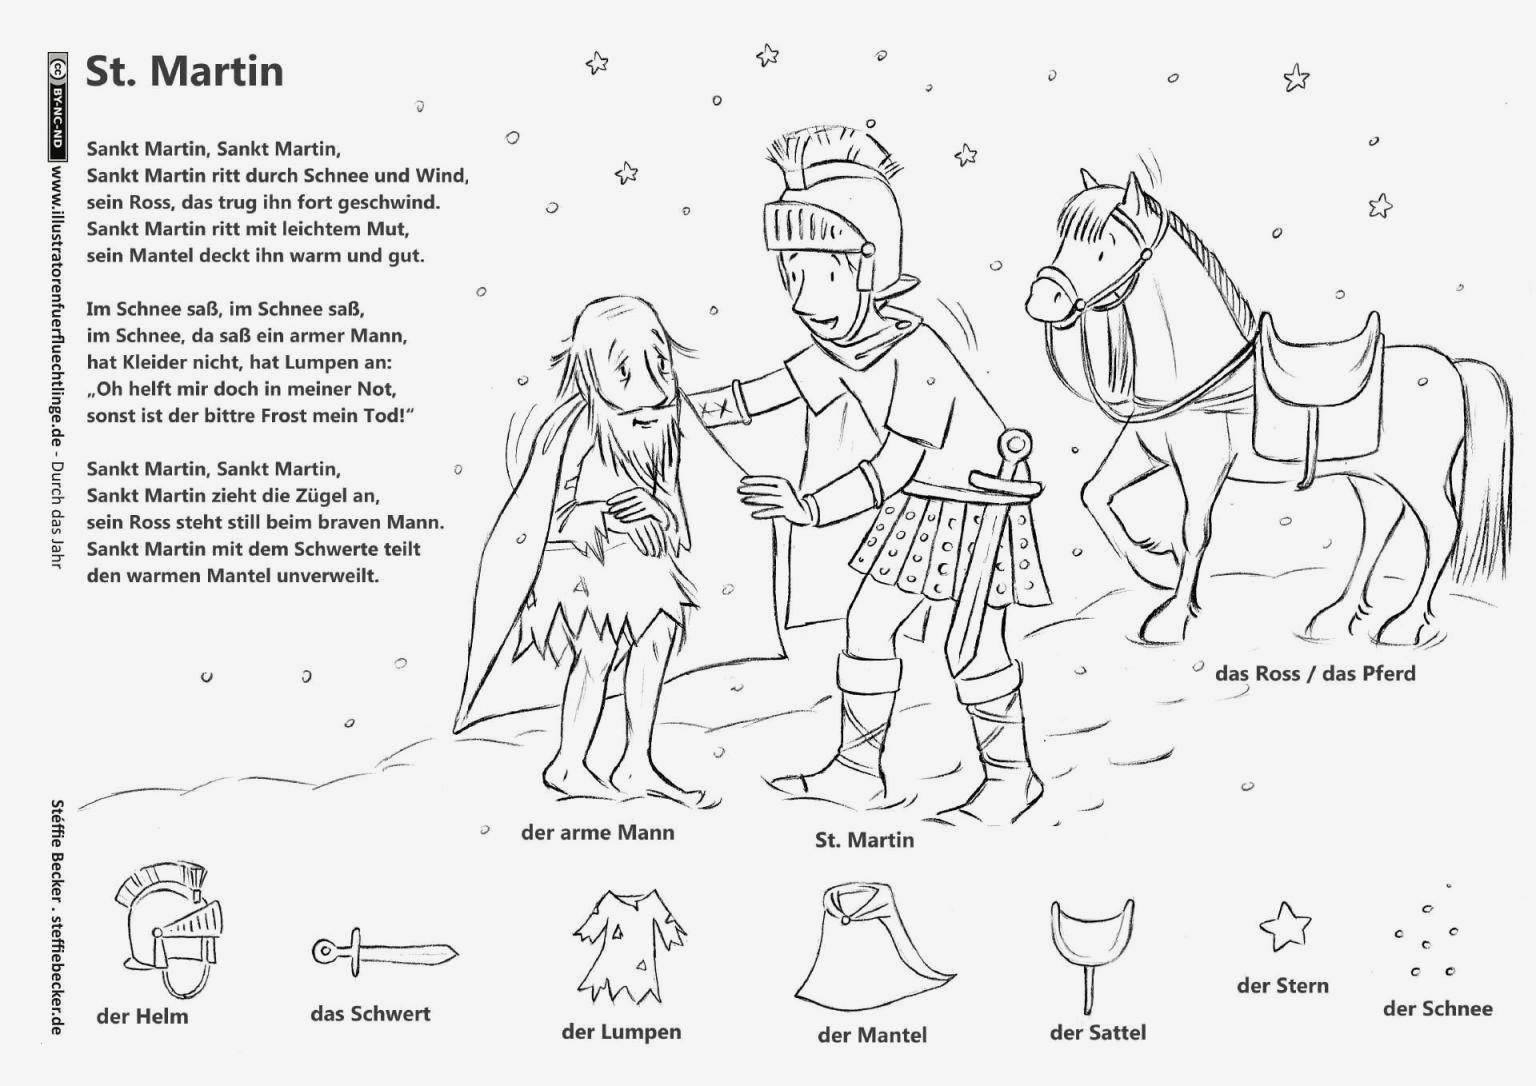 Kinder Malvorlagen Com Einzigartig Einhorn Malvorlage Kinder Lernspiele Färbung Bilder Ausmalbilder Für Das Bild